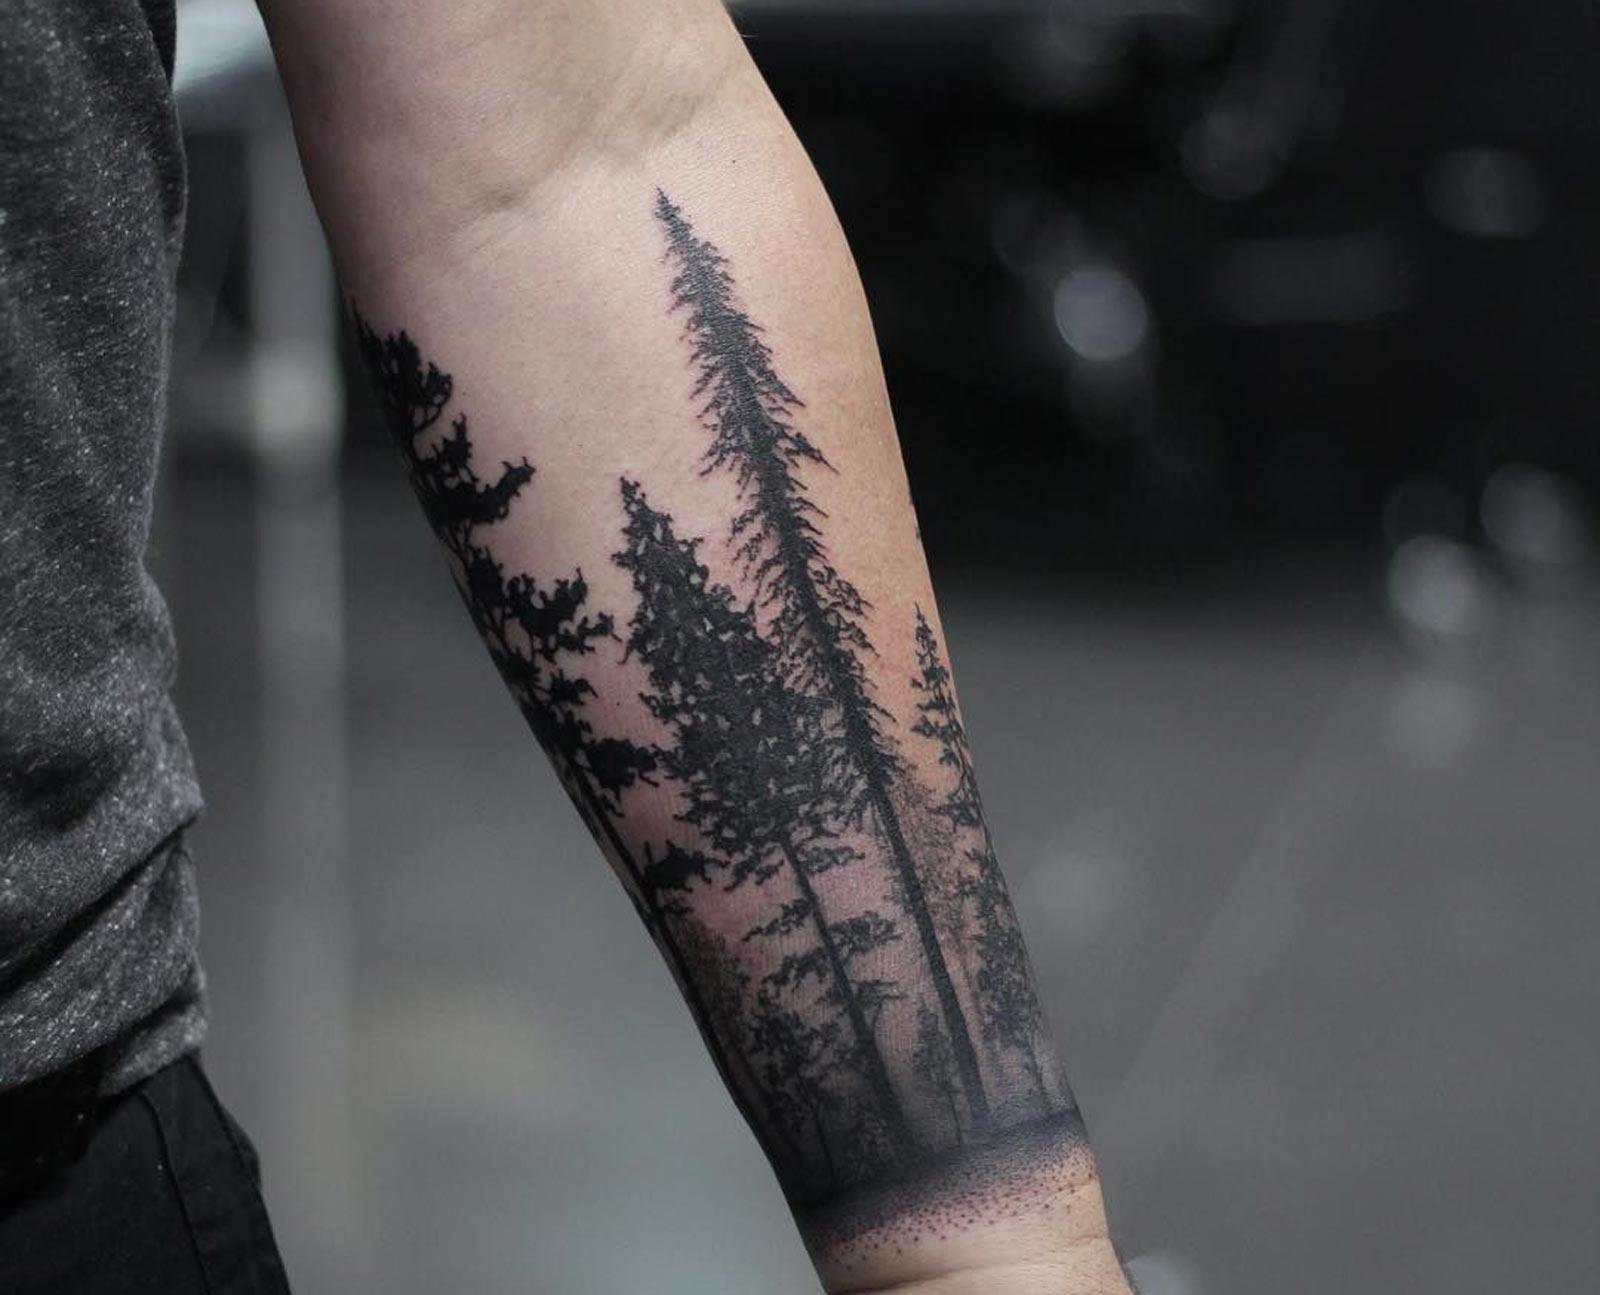 Slaveni tetovēšanas saloni. Tetovēšanas salona noteikumi